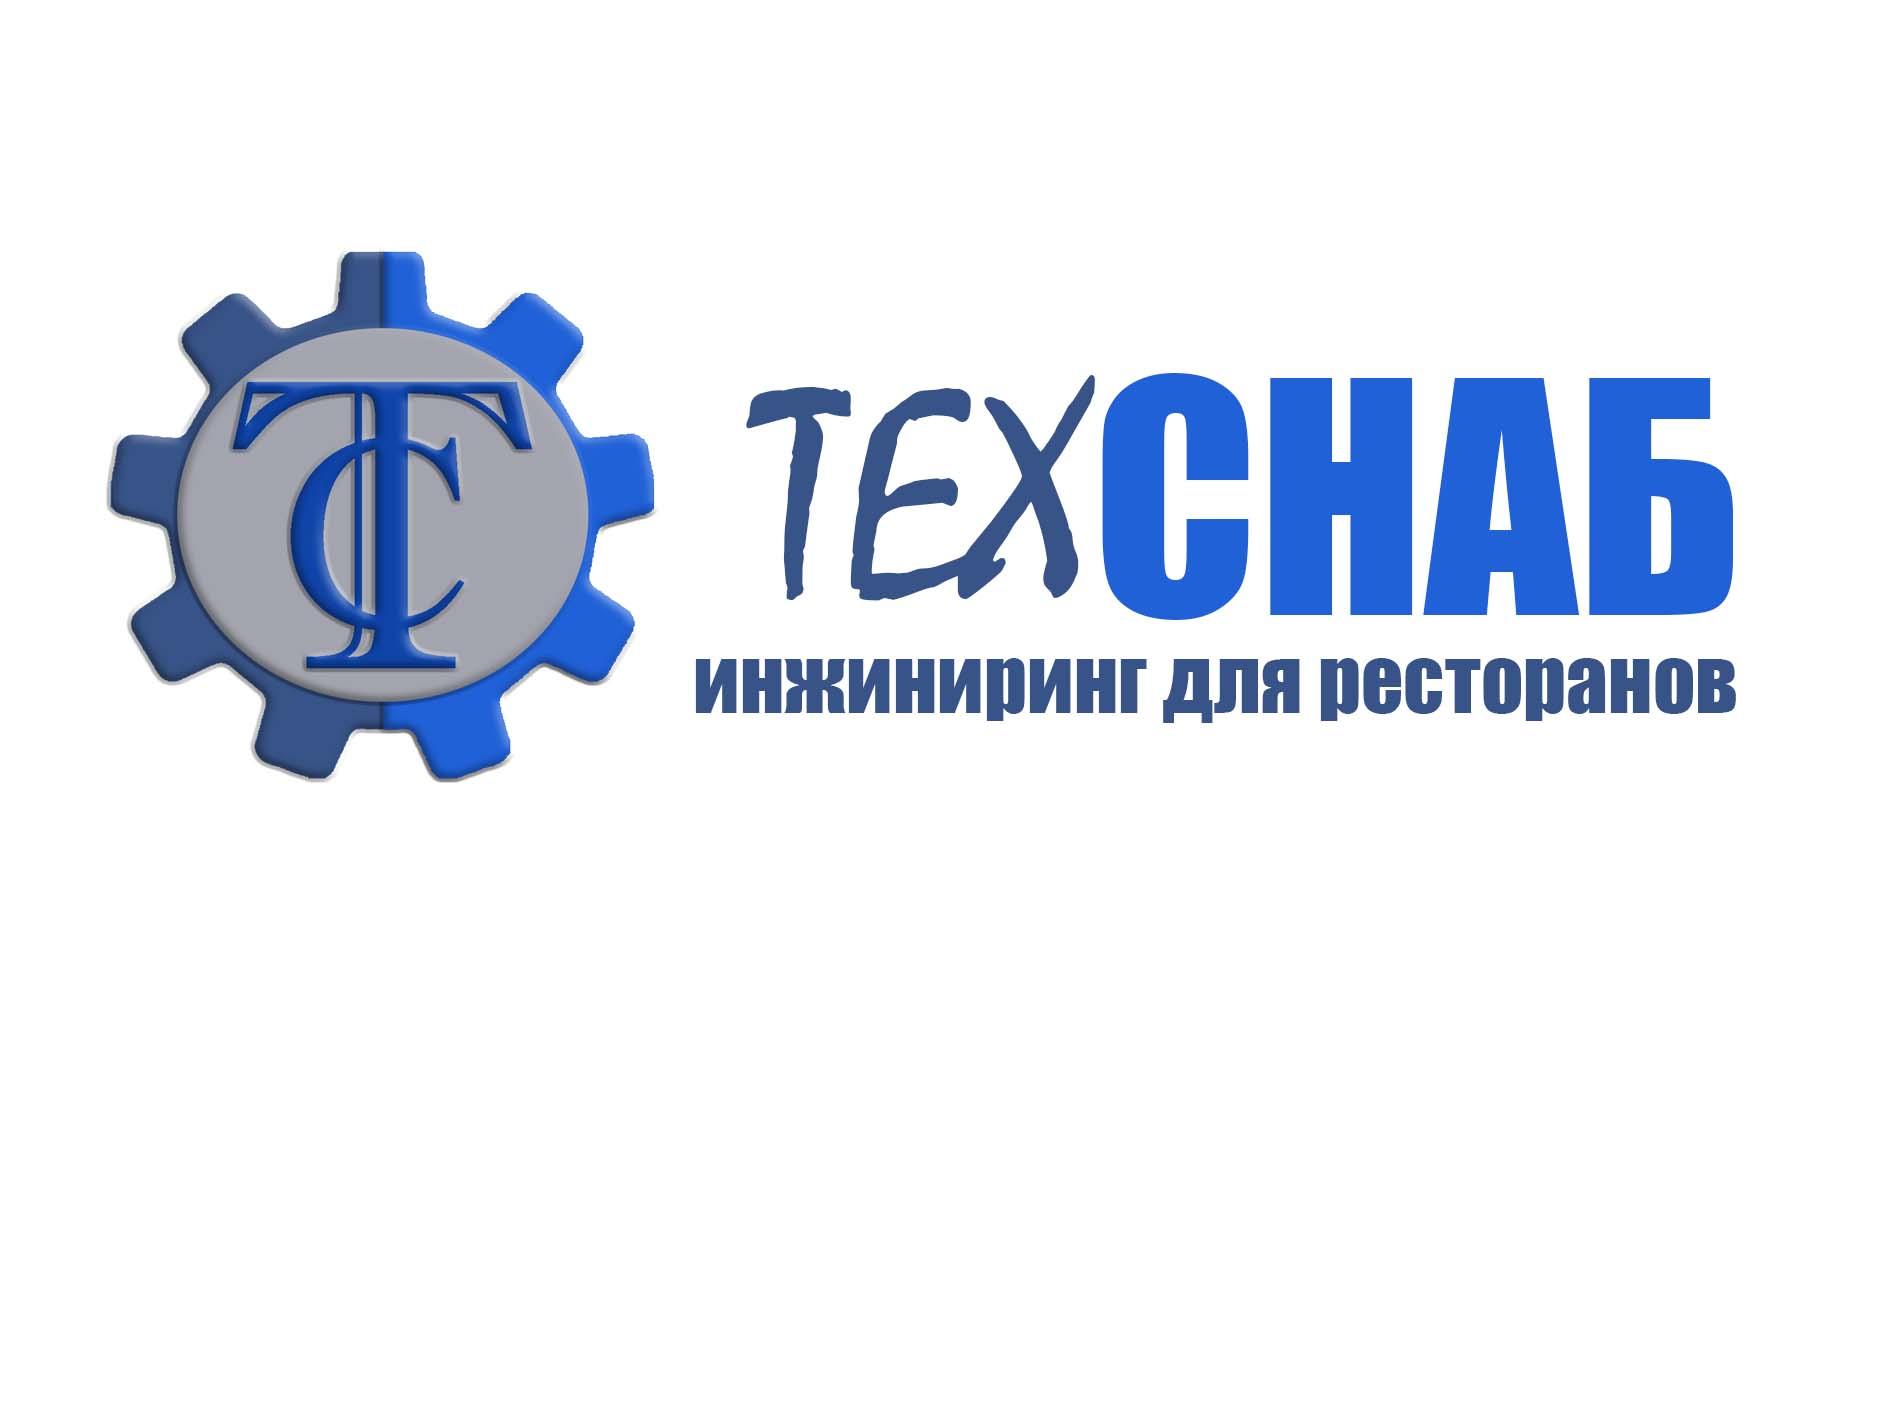 Разработка логотипа и фирм. стиля компании  ТЕХСНАБ фото f_8875b1ff84d85741.jpg